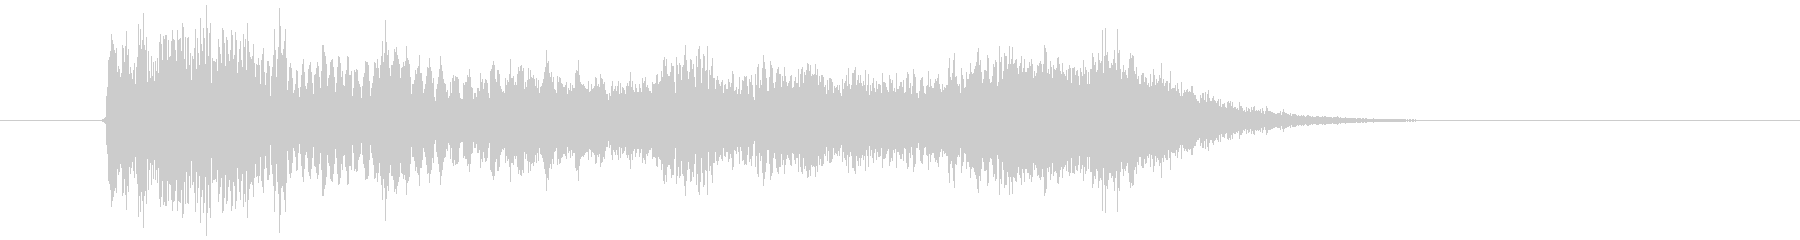 232_衝撃音(FX)3の未再生の波形